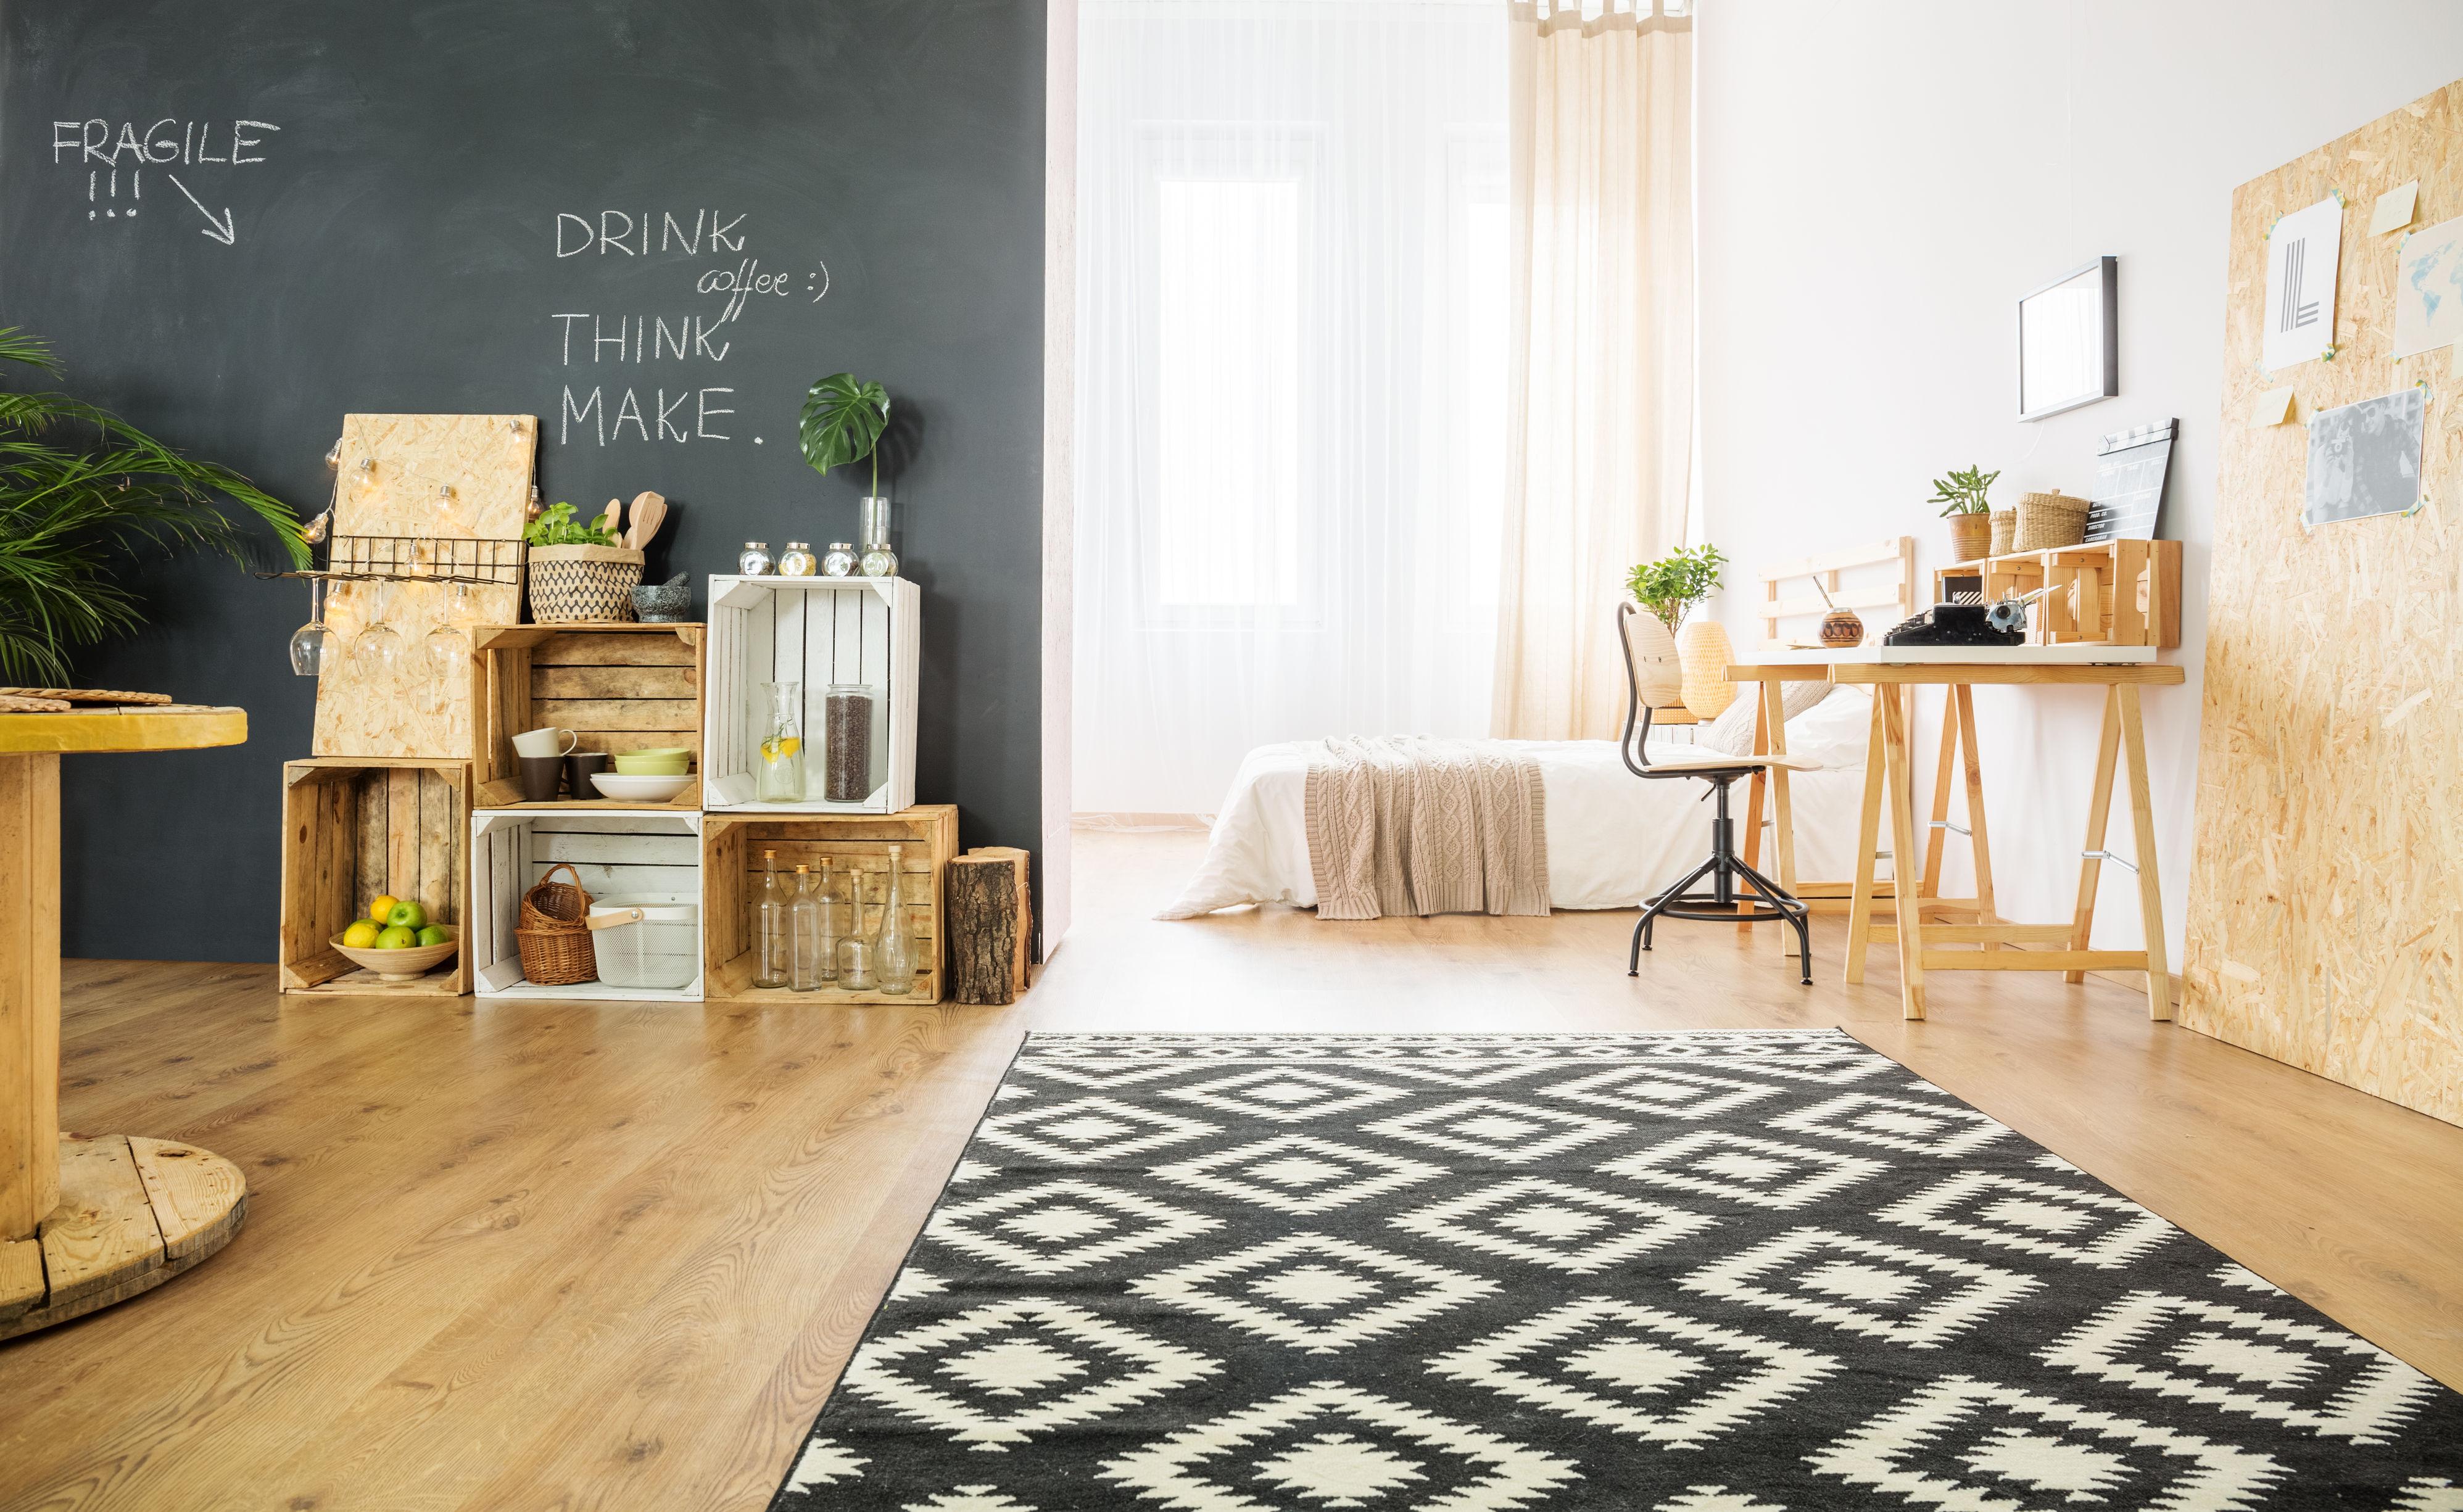 Spacieux studio avec lit double, caisses contre mur, tapis et bureau